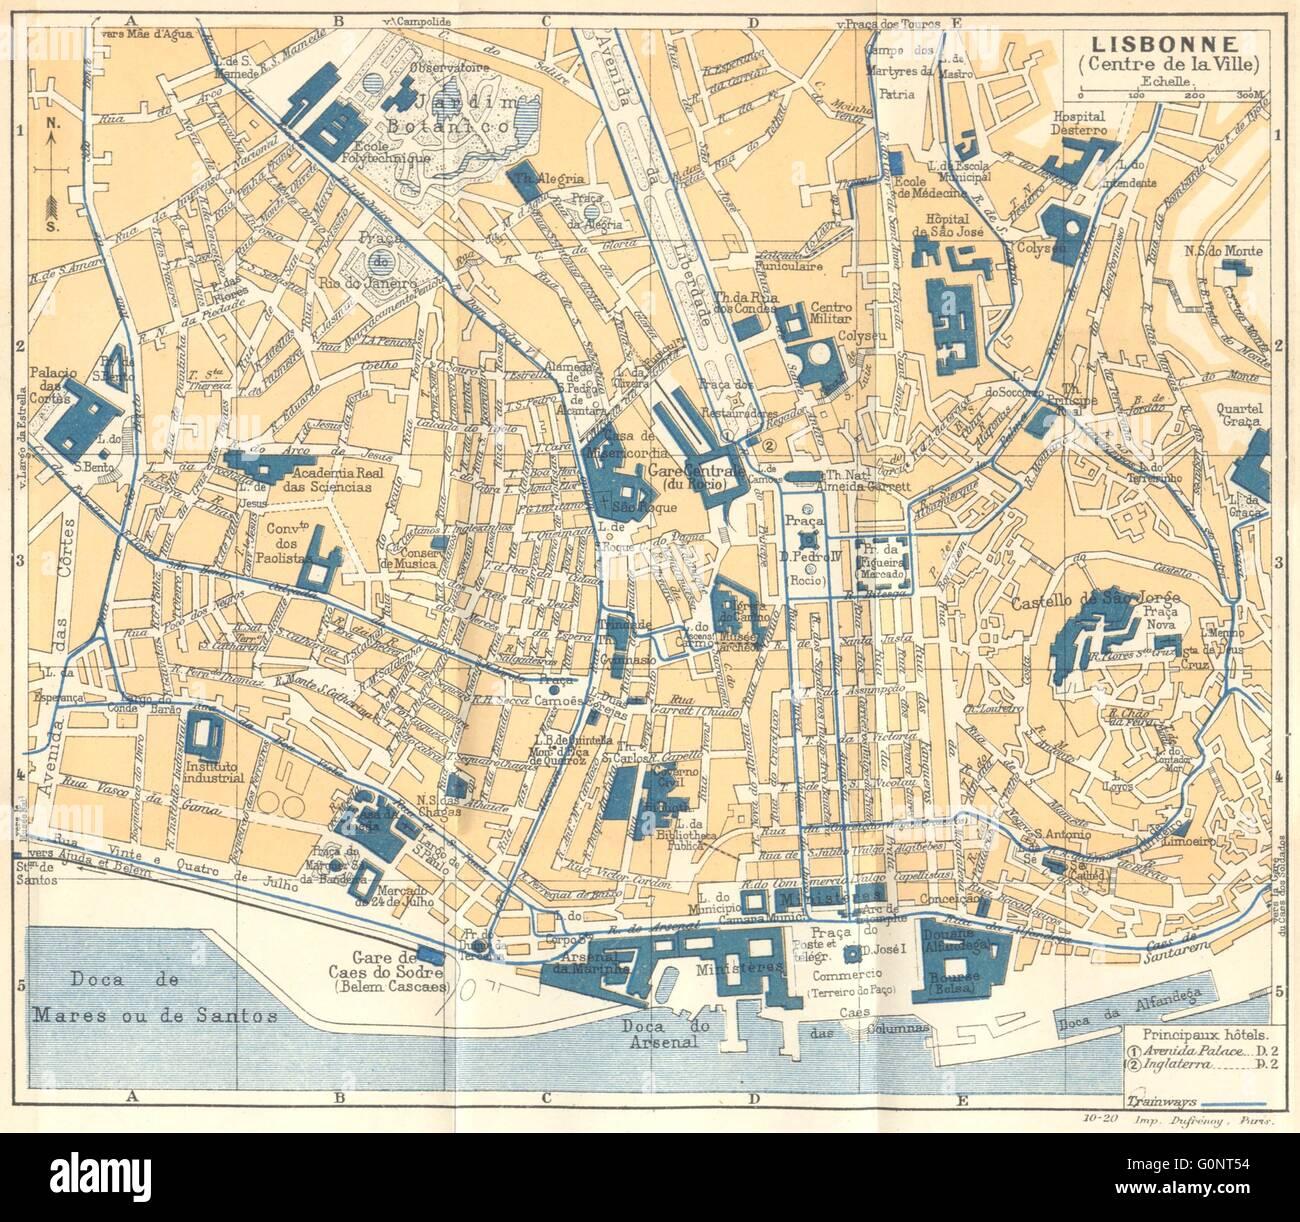 PORTUGAL Lisboa Lisbon Centre De Ville Vintage Map Stock - Lisbon portugal map